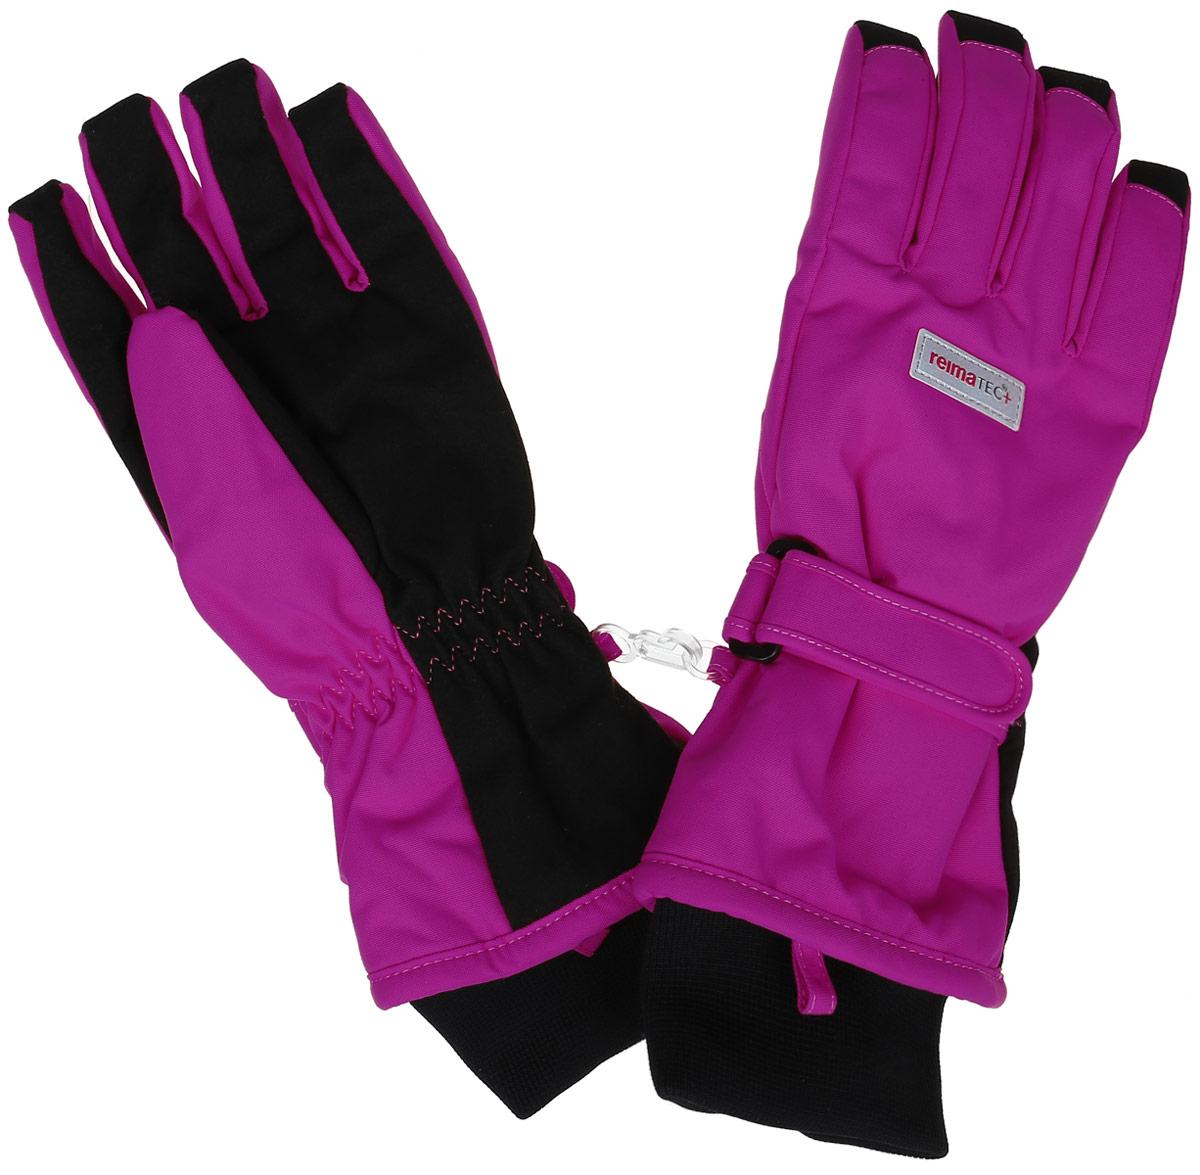 Перчатки детские Reima Reimatec+ Tartu, цвет: розовый. 527251-4620. Размер 7527251-4620Детские перчатки Reima Reimatec+ Tartu станут идеальным вариантом для холодной зимней погоды. На подкладке используется высококачественный полиэстер, который хорошо удерживает тепло.Для большего удобства на запястьях перчатки дополнены хлястиками на липучках с внешней стороны, а на ладошках, кончиках пальцев и с внутренней стороны большого пальца - усиленными водонепроницаемивставками Hipora. Теплая флисовая подкладка дарит коже ощущение комфорта и уюта. С внешней стороны перчатки оформлены светоотражающими нашивками с логотипом бренда. Высокая степень утепления. Перчатки станут идеальным вариантом для прохладной погоды, в них ребенку будет тепло и комфортно. Водонепроницаемость: Waterpillar over 10 000 mm